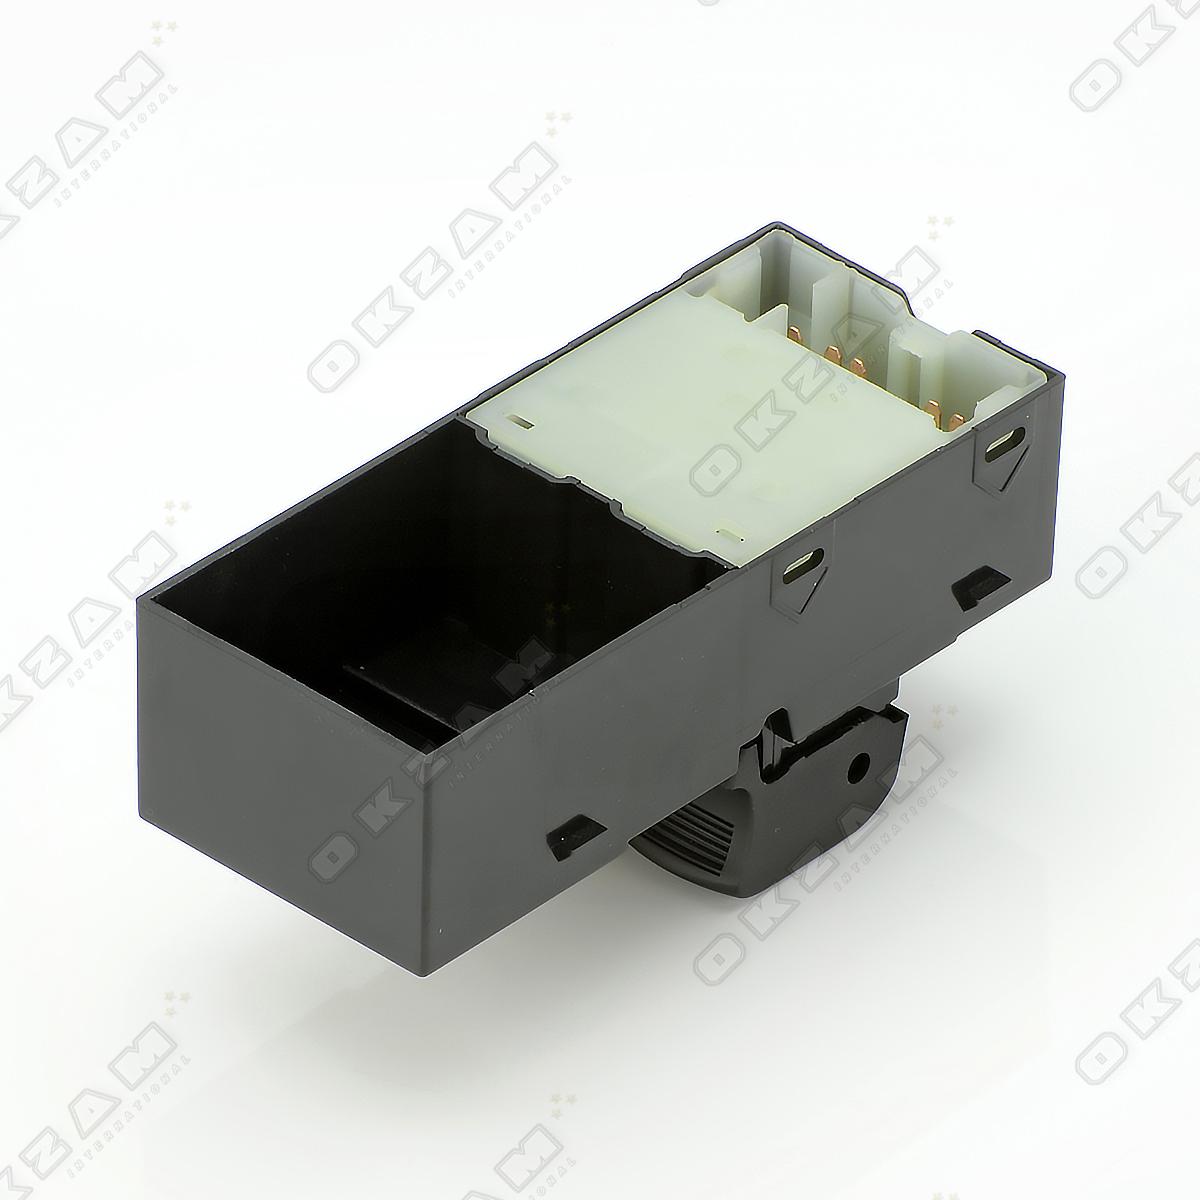 Schema Elettrico Nissan Micra K12 : Alzacristalli elettrico unitÀ interruttore anteriore